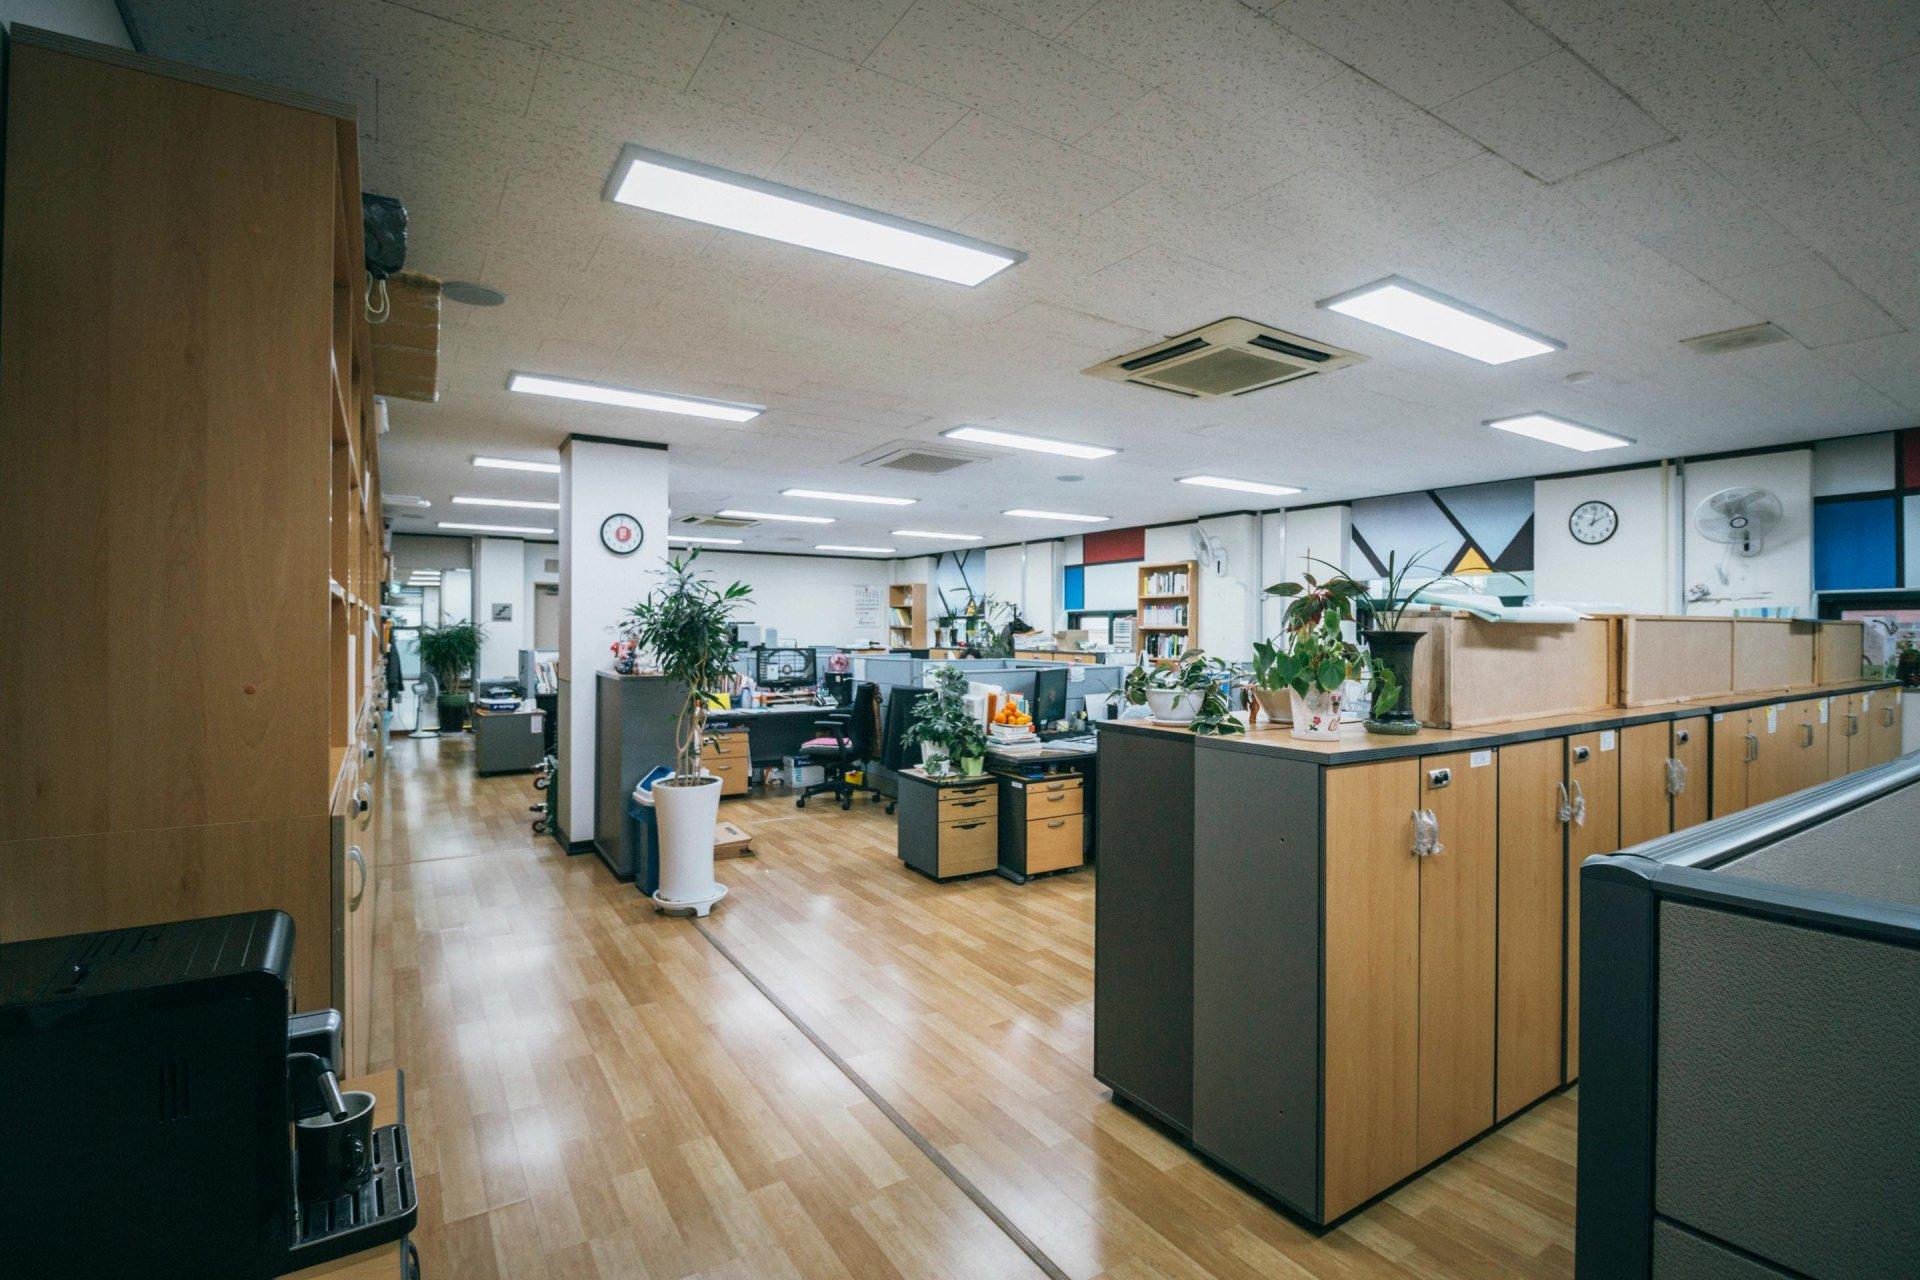 사무용 집기와 책상이 보이는 사무실 모습.